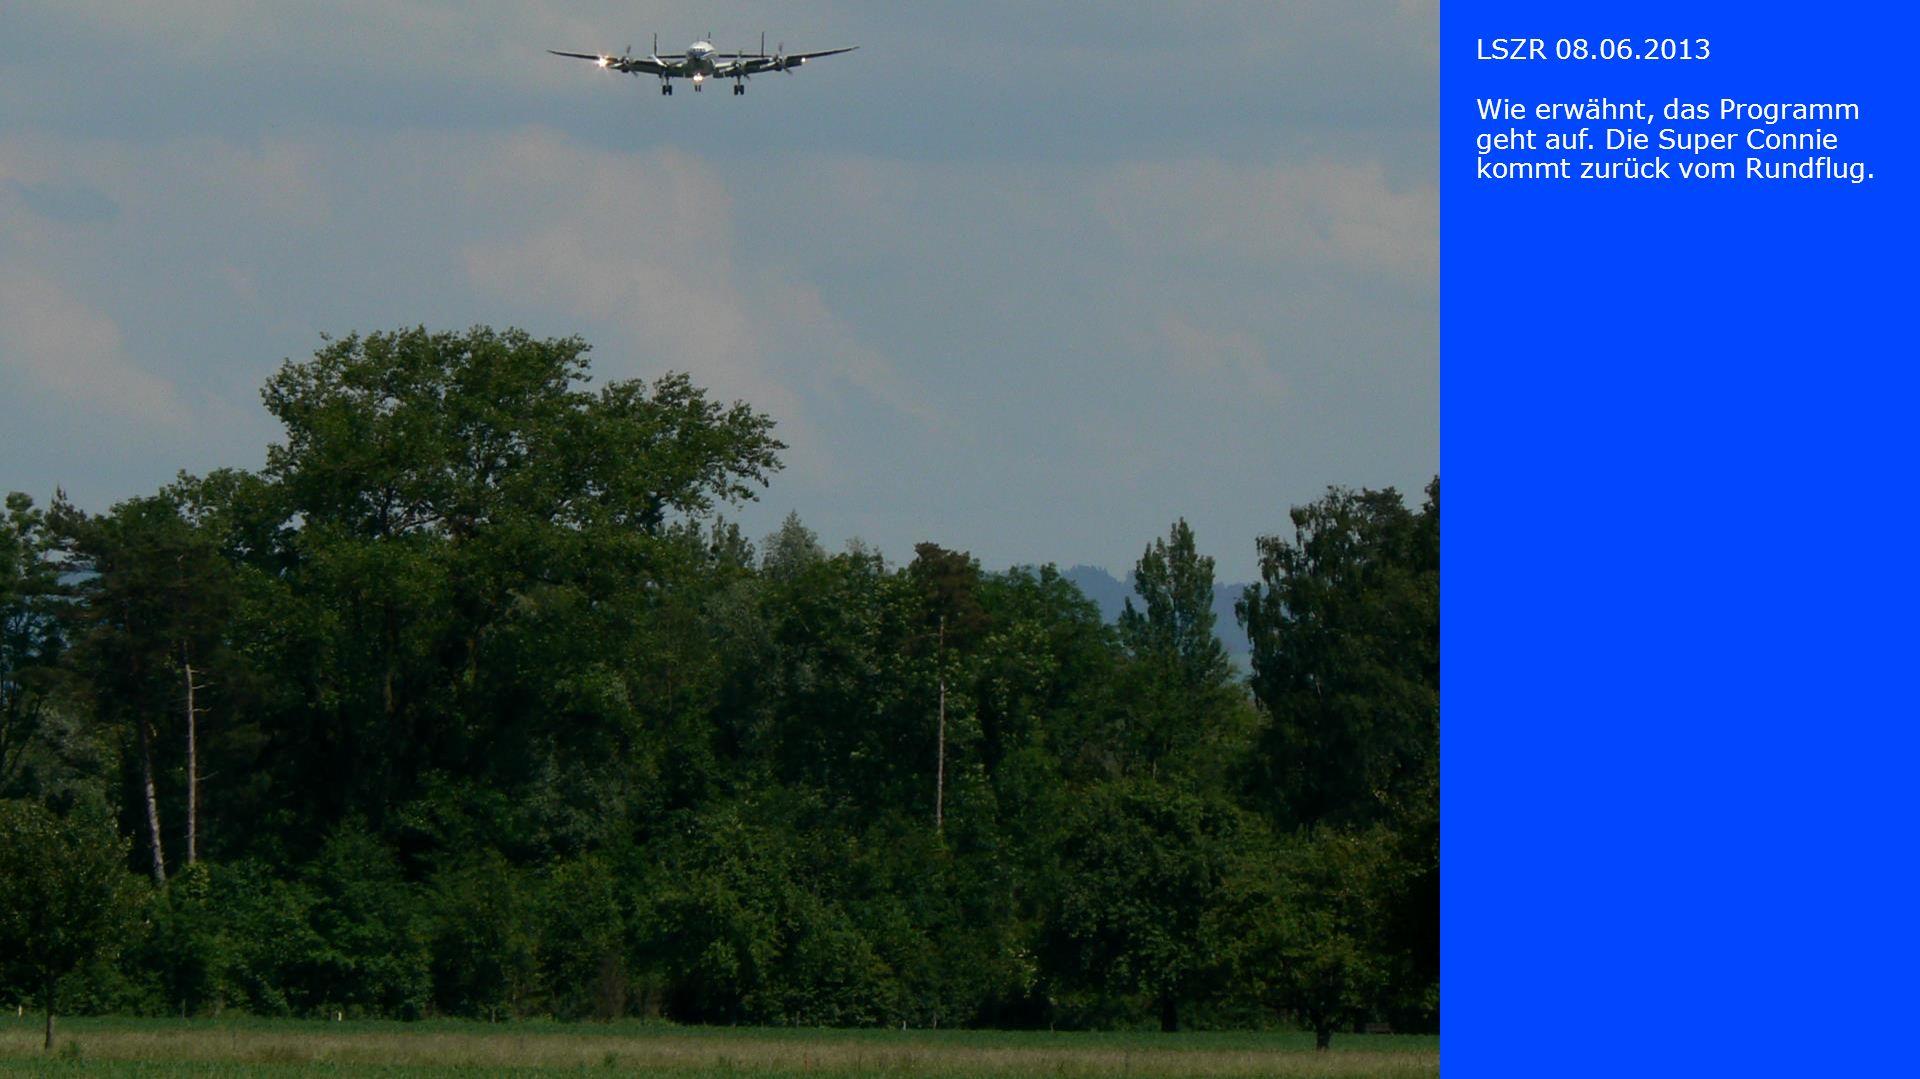 LSZR 08.06.2013 Wie erwähnt, das Programm geht auf. Die Super Connie kommt zurück vom Rundflug.